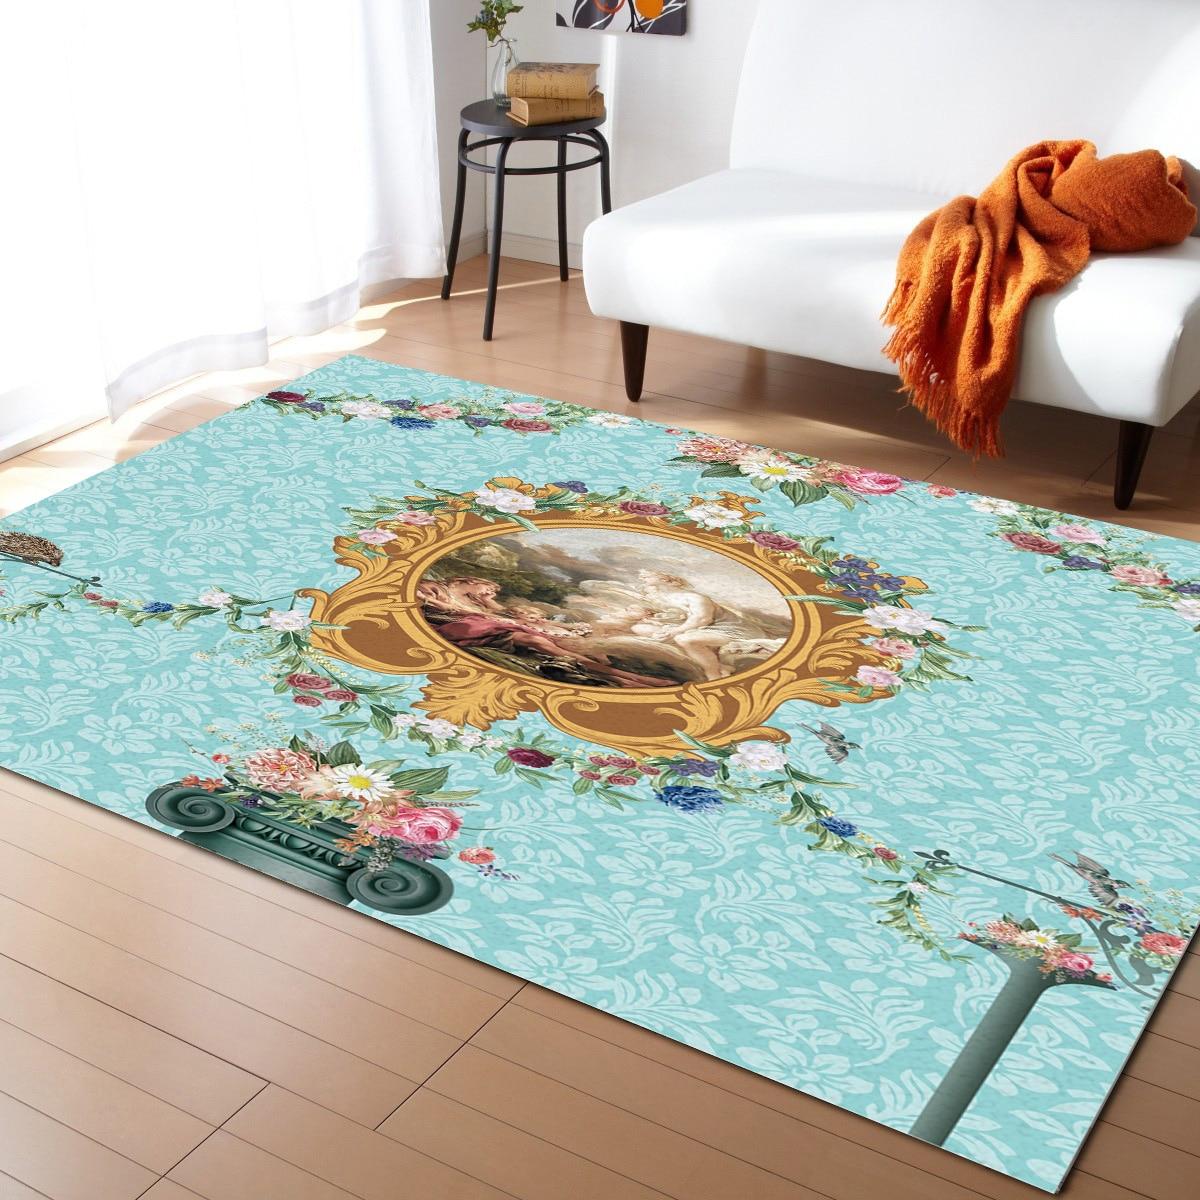 سجادة زهور أوروبية عتيقة ، ديكور غرفة نوم ، بطانية بجانب السرير ، غرفة معيشة ، غرفة مرحاض